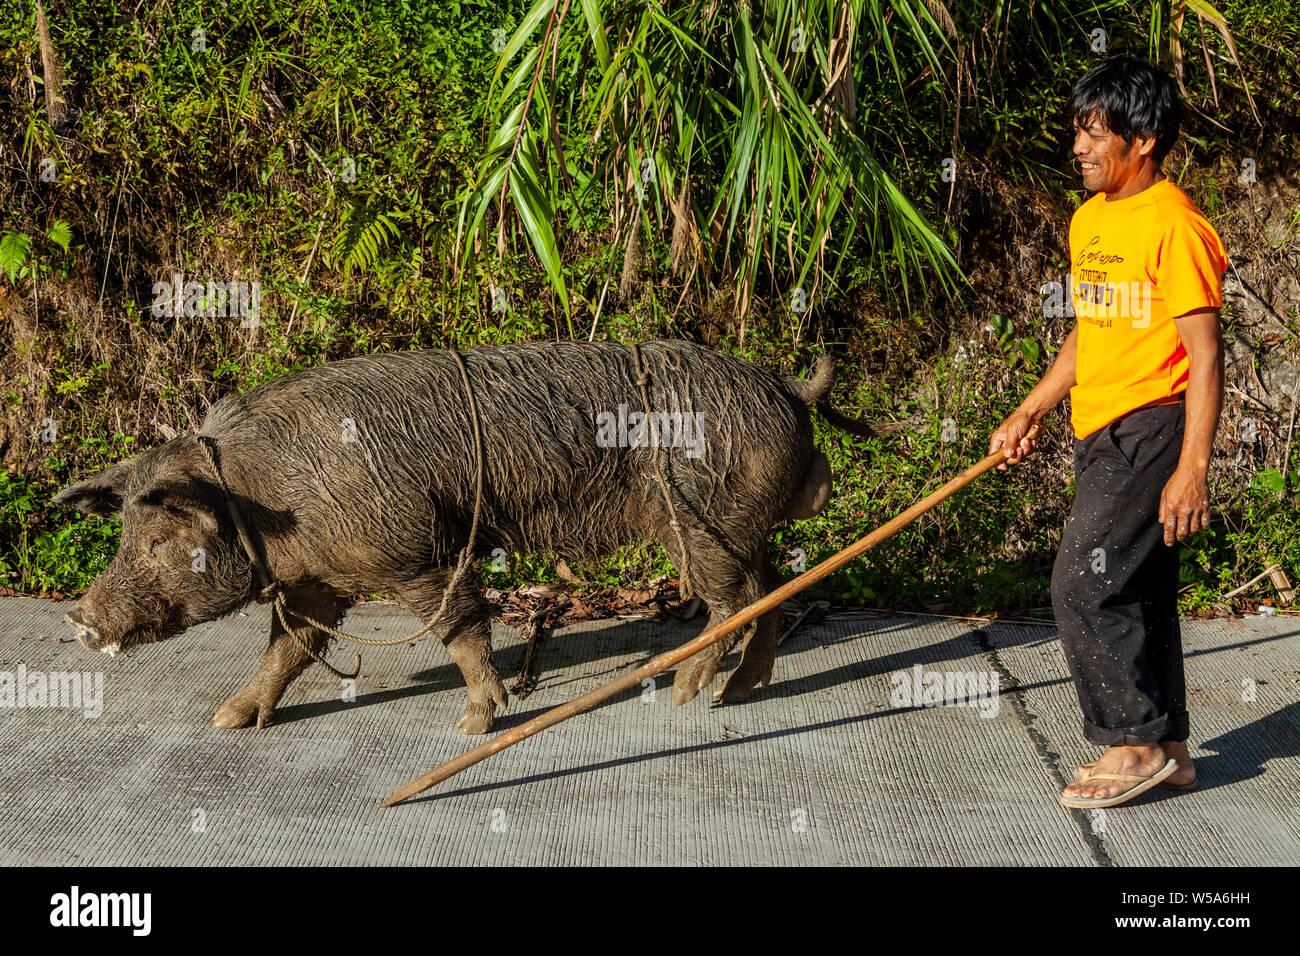 Un homme avec un bâton à marcher avec son cochon, Banaue, Luzon, Philippines Banque D'Images